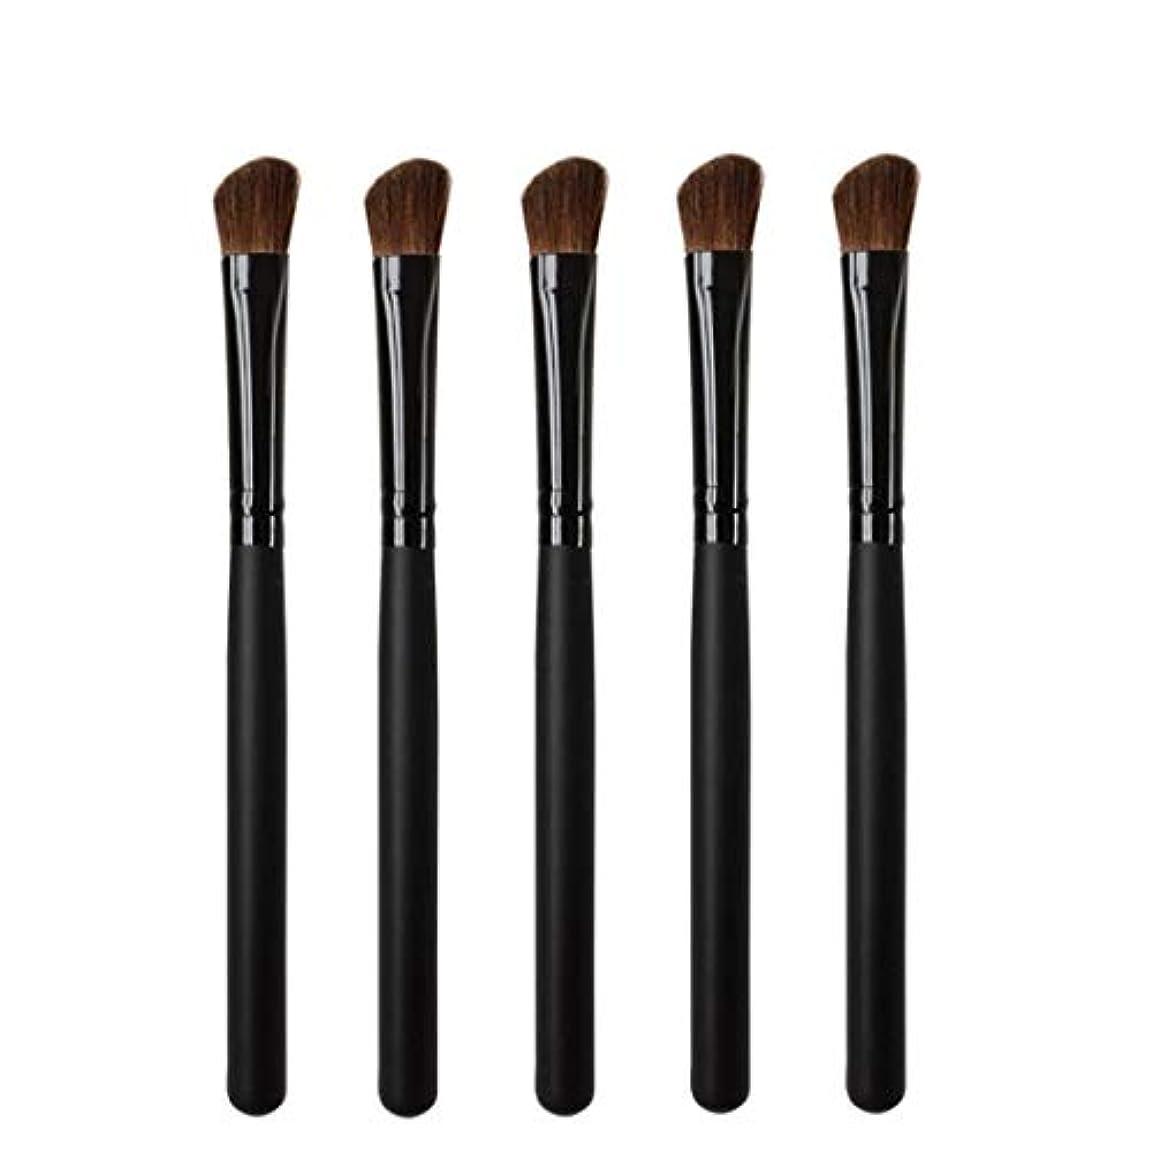 こどもの日賛辞子羊Makeup brushes 5リズムヘッド、持ち運びに快適な木製ハンドル、プロのアイシャドウ化粧道具 suits (Color : Black)